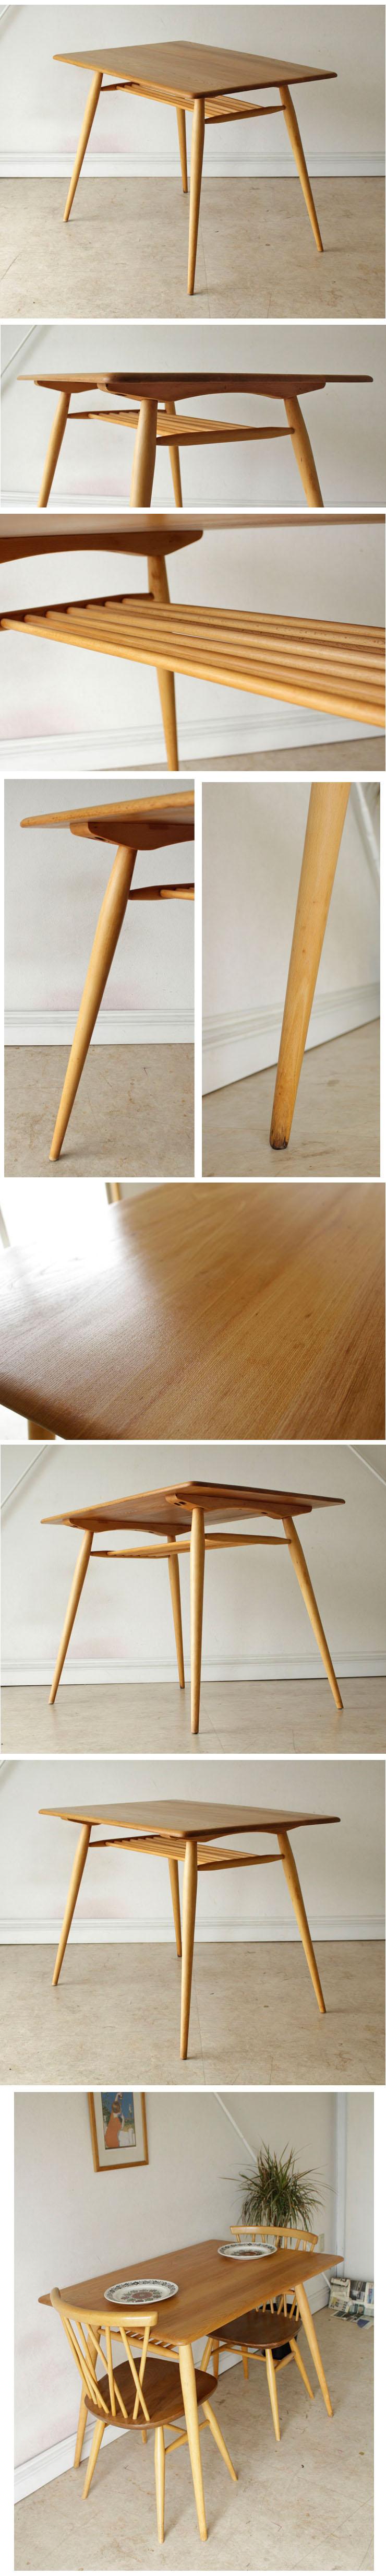 アーコール・ERCOL・ダイニングテーブル・マガジンラック・ナチュラル・無垢・ビンテージ・アンティーク・北欧